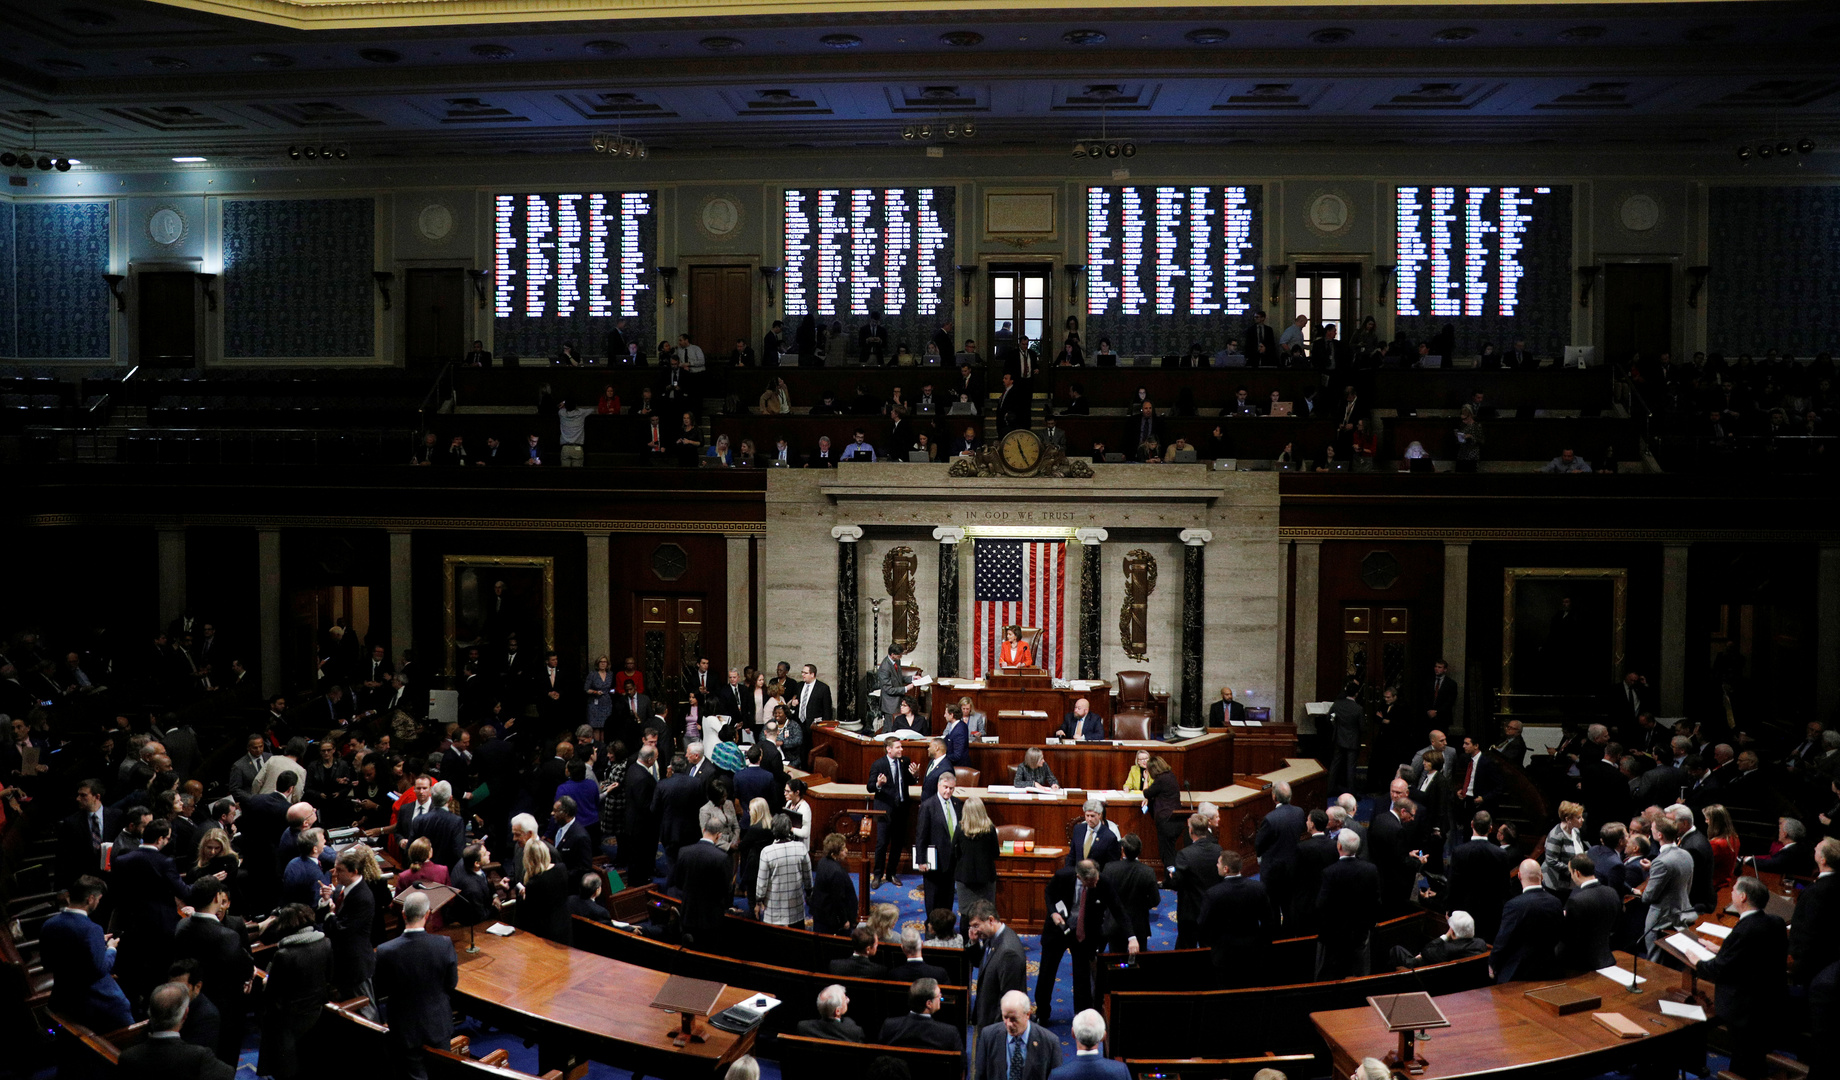 جلسة لمجلس النواب الأمريكي للتصويت حول إطلاق المرحلة العلنية للتحقيق في مسألة عزل رئيس البلاد، دونالد ترامب